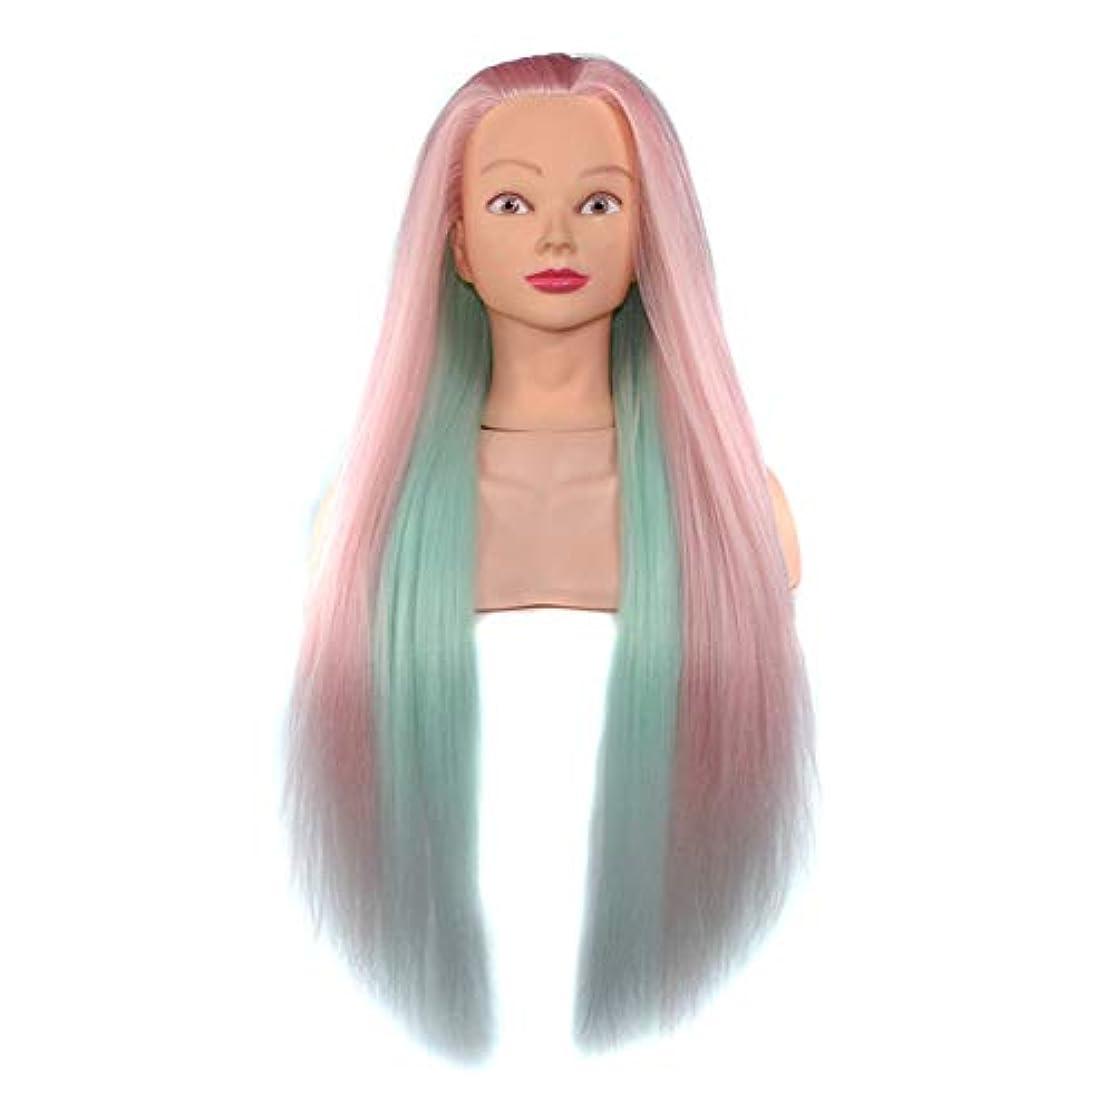 余韻ダンプ悪党ヘアスタイリング練習ディスクヘア学習ヘッドモデル美容院高温ワイヤートレーニングヘッドマネキン人形ヘッド